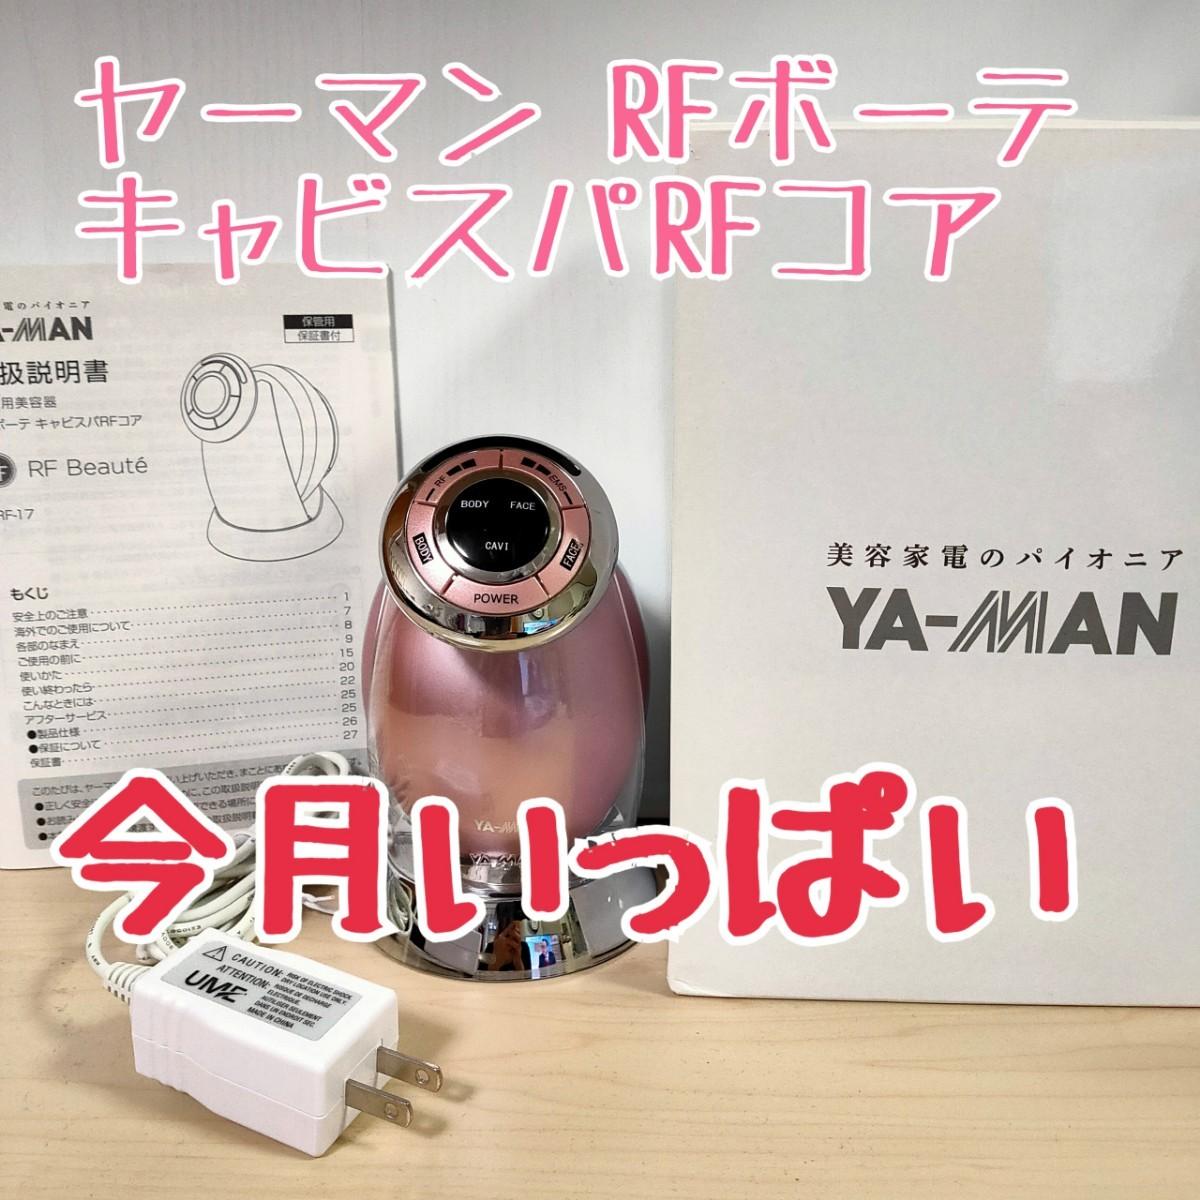 【美品】ヤーマン RFボーテ キャビスパRFコア